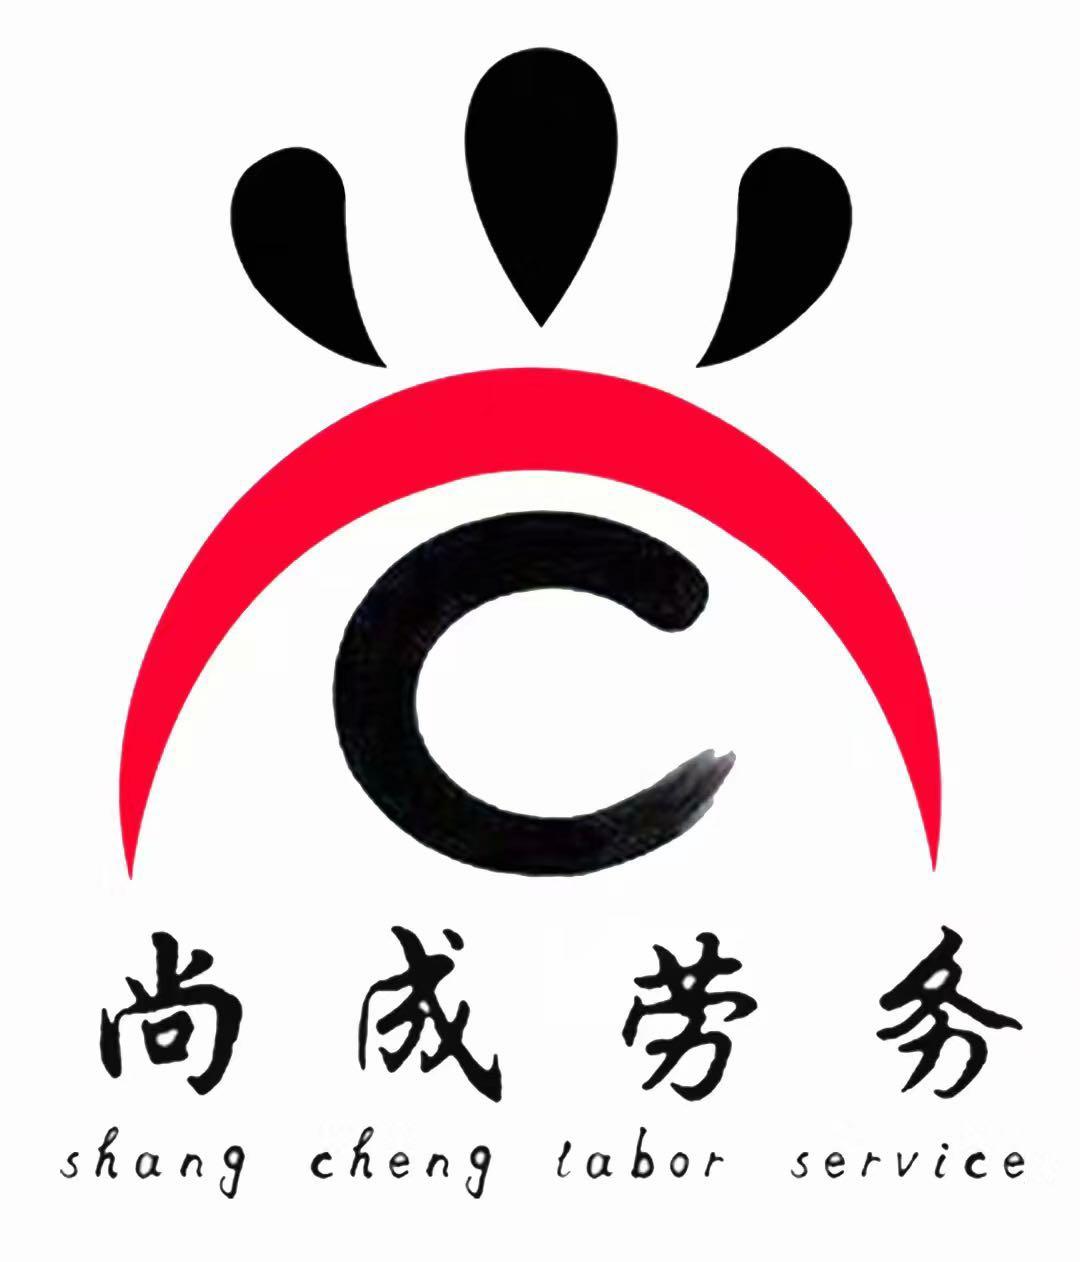 吉林省尚城人力资源开发yabo2023